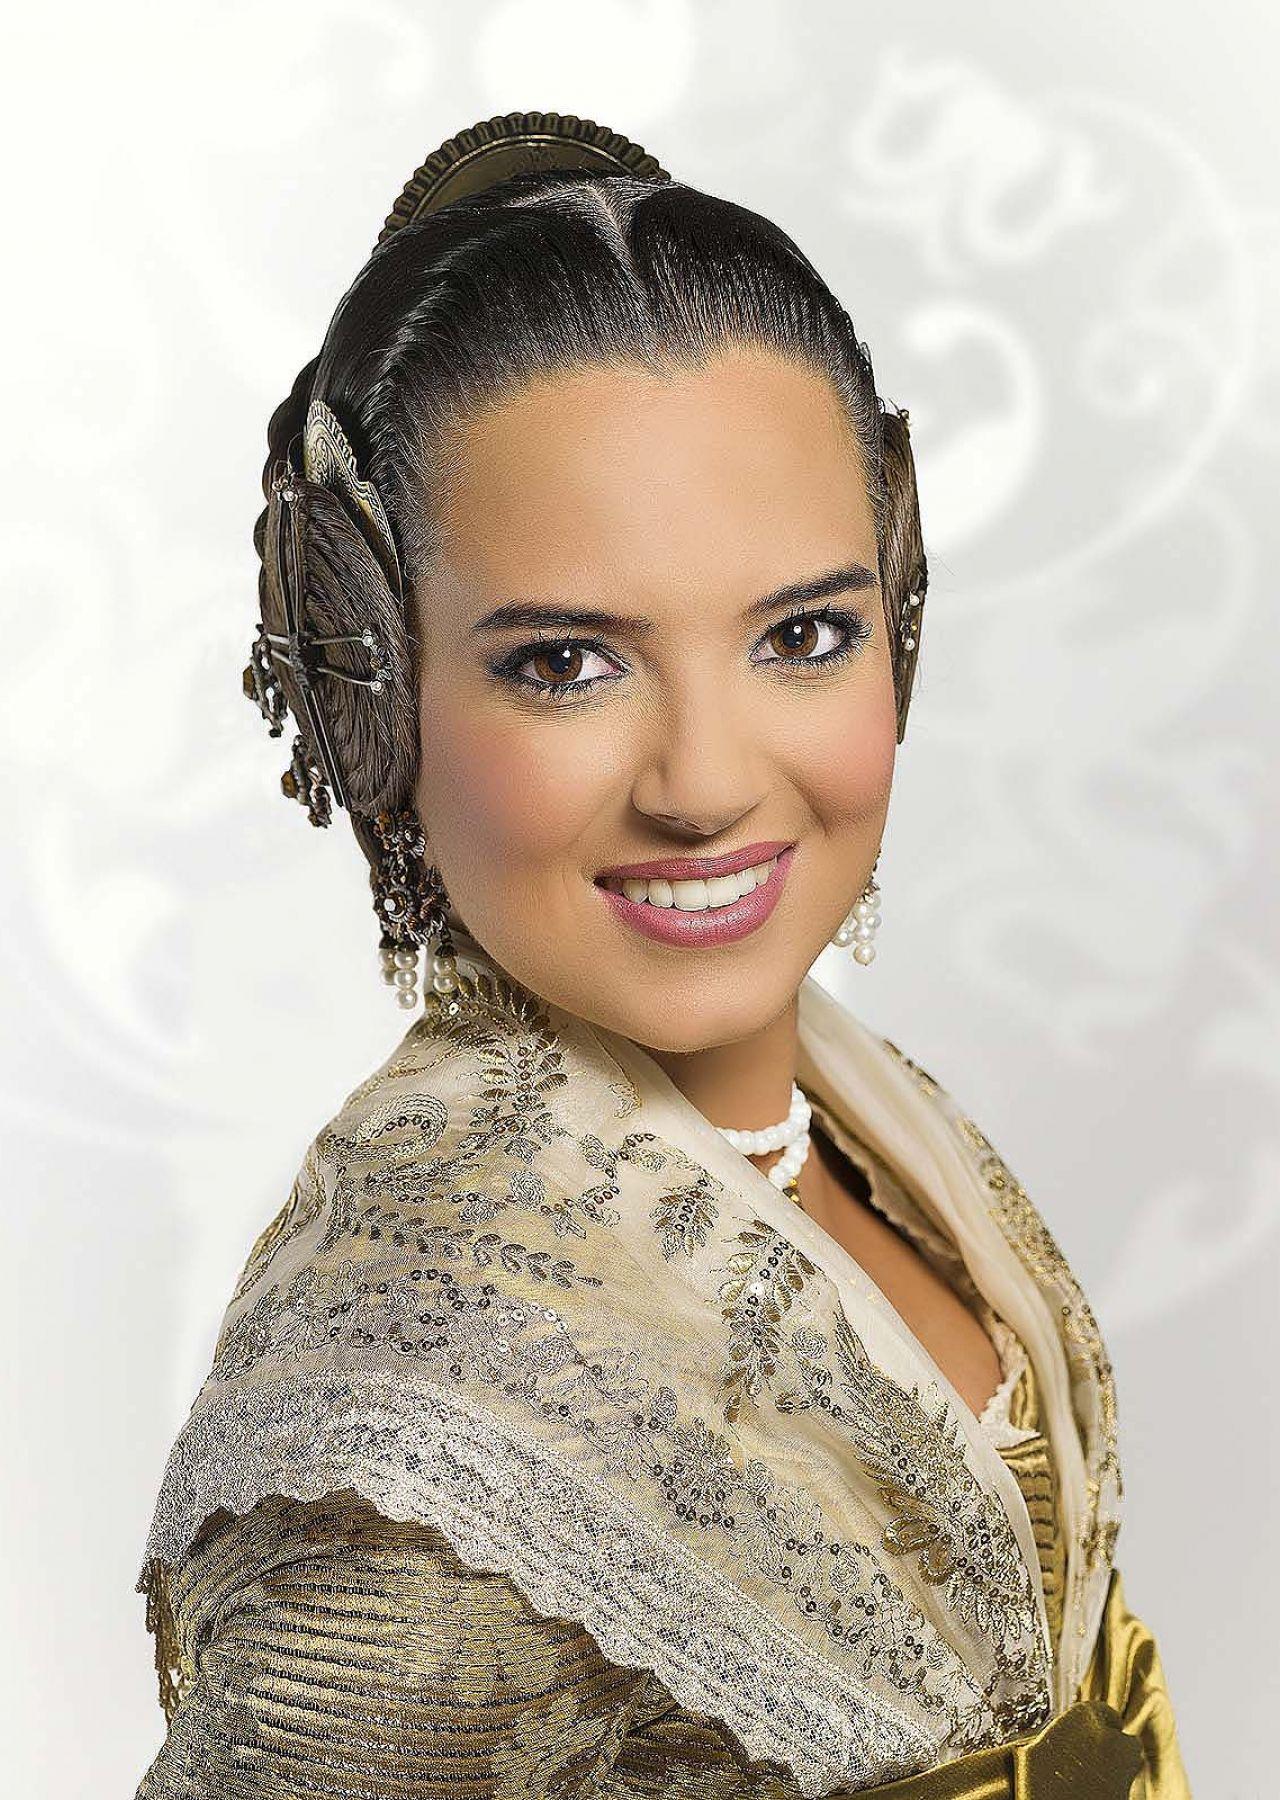 Marina Civera Moreno